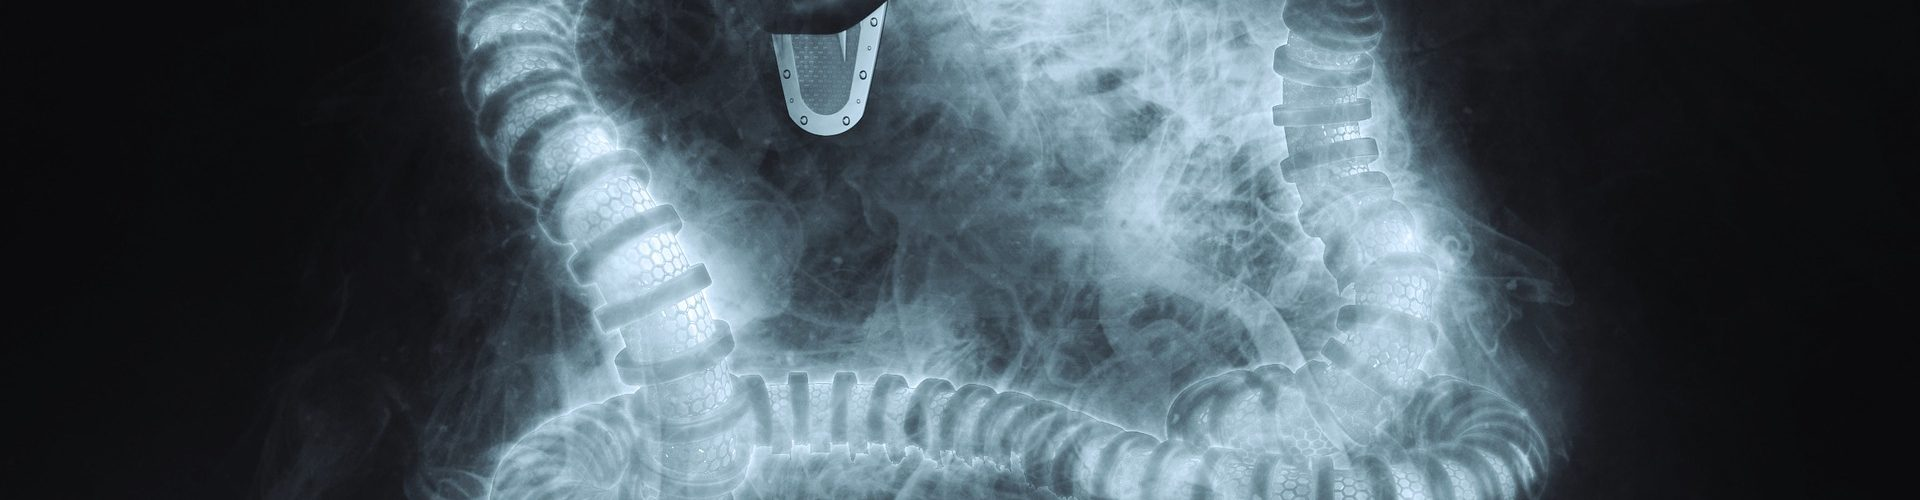 הנחש בחלום